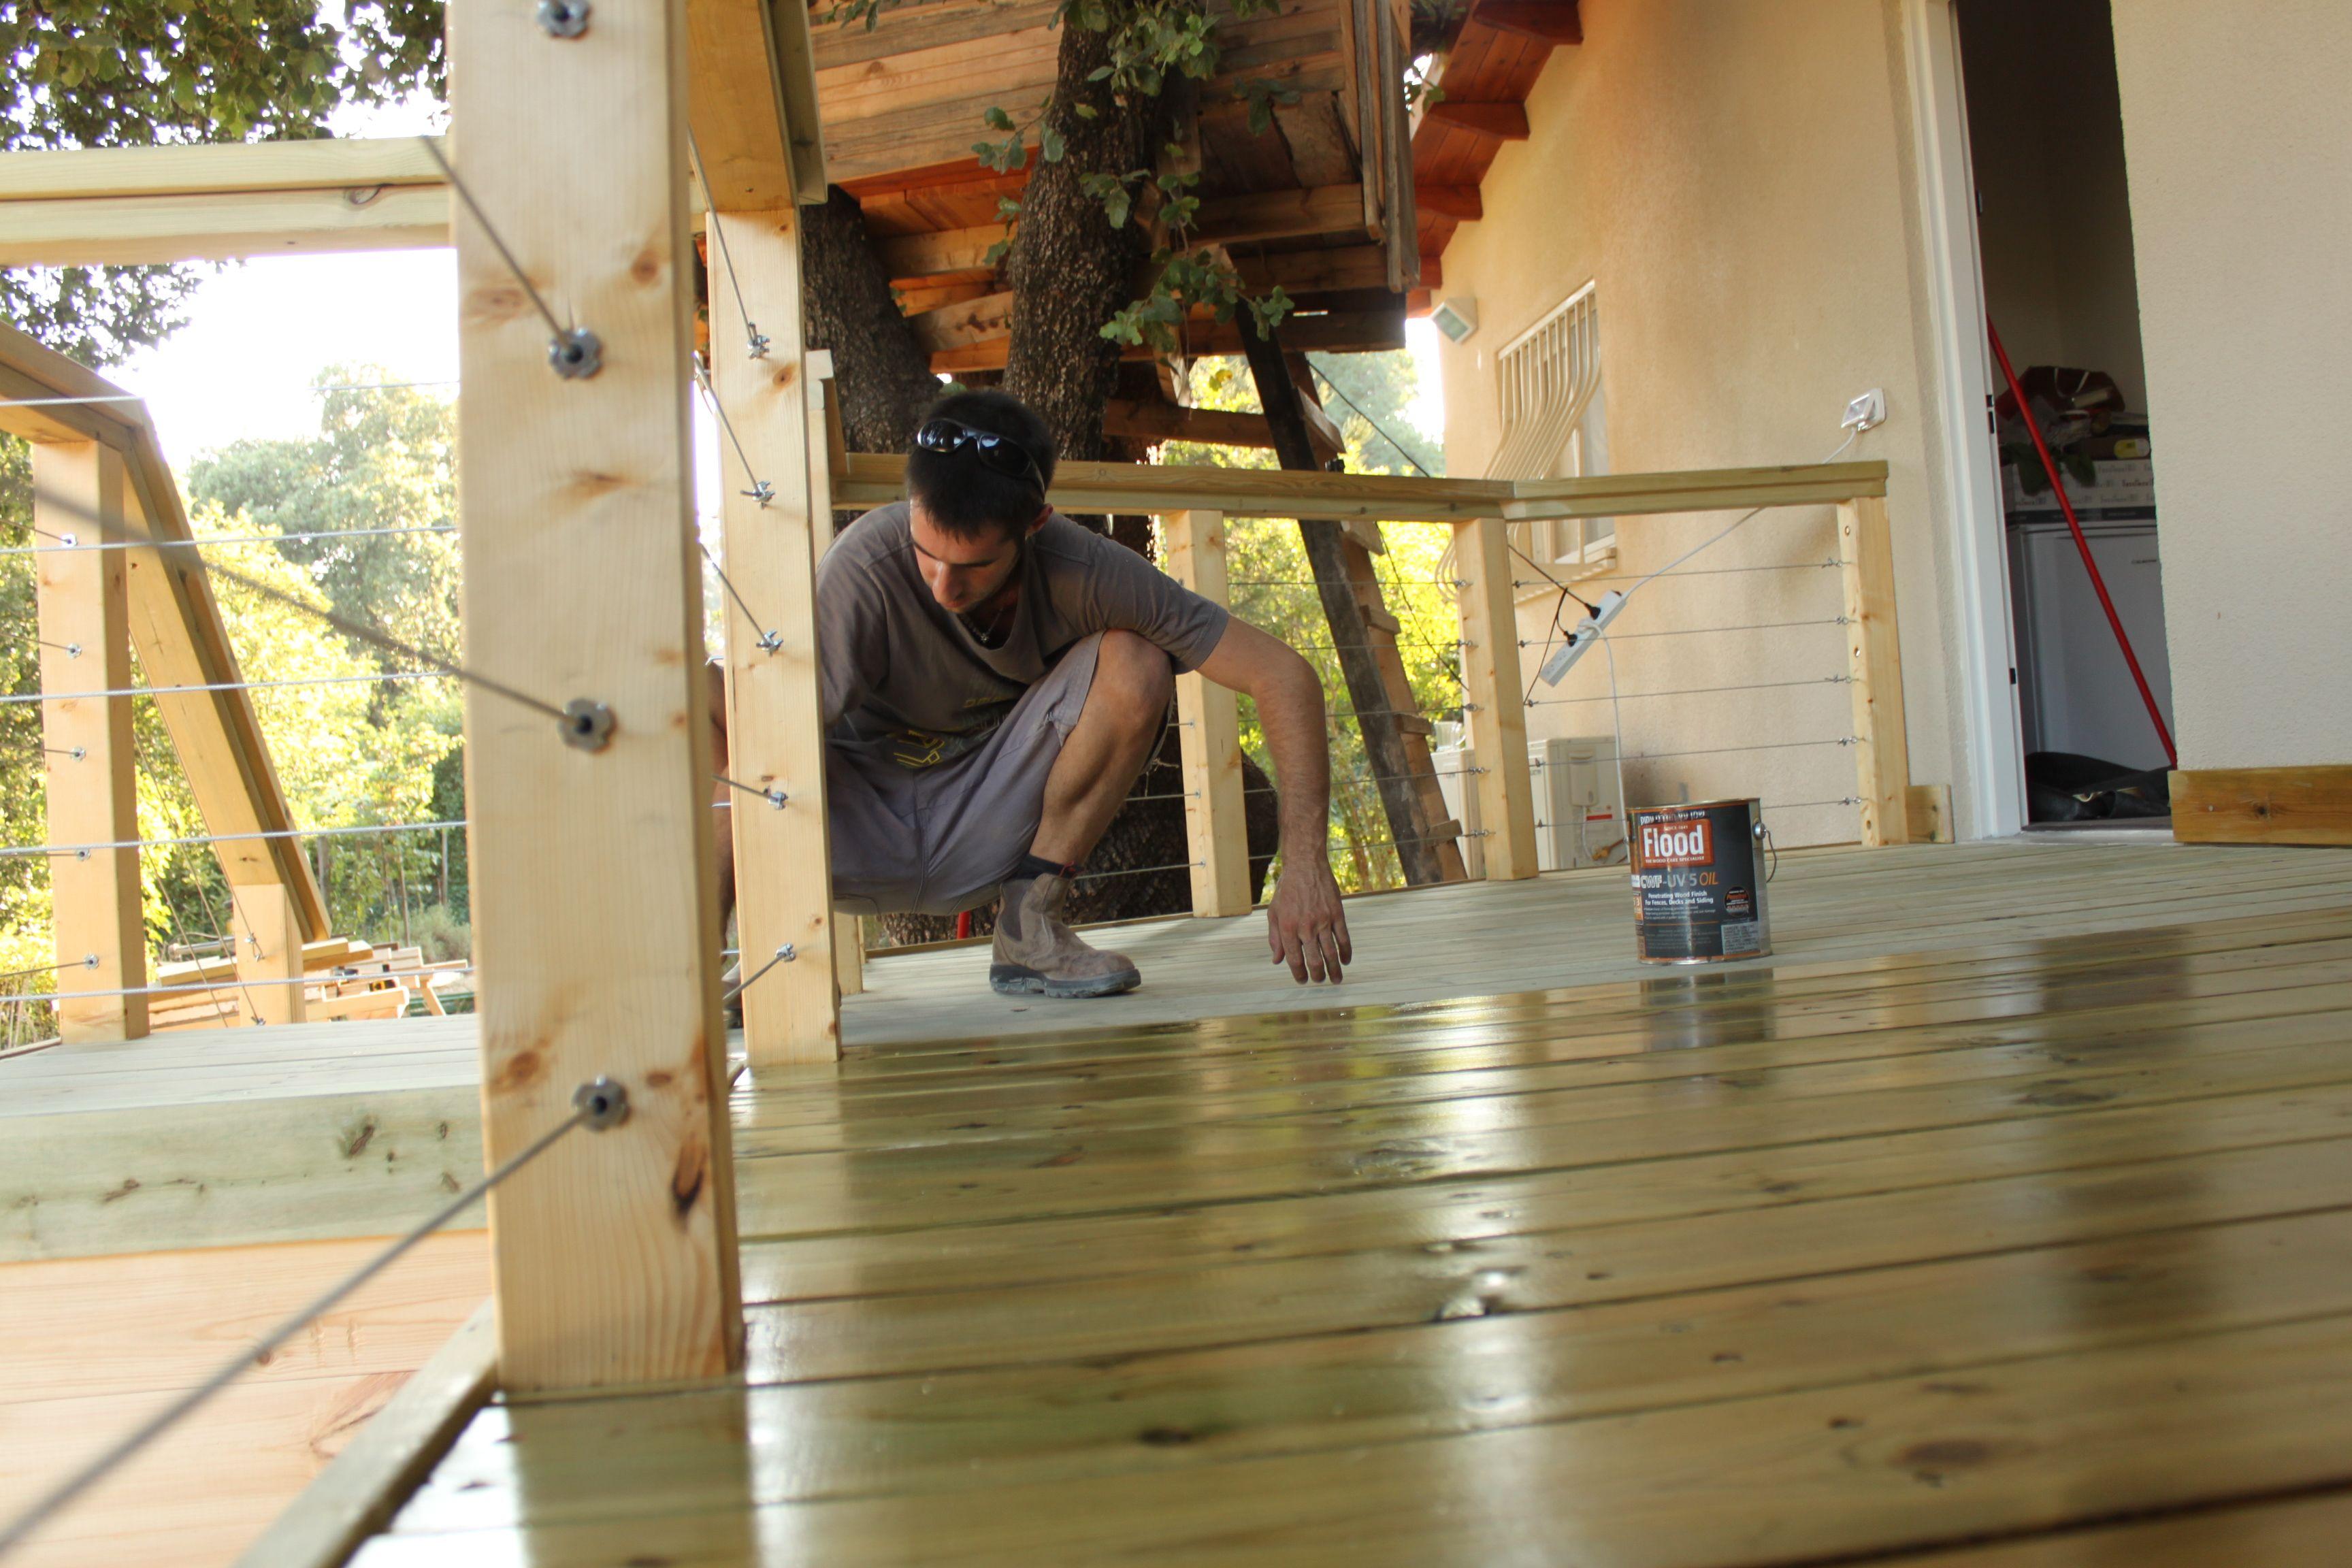 דק אורן עם מעקה מחוטי פלדה Decor Home Decor Standing Desk